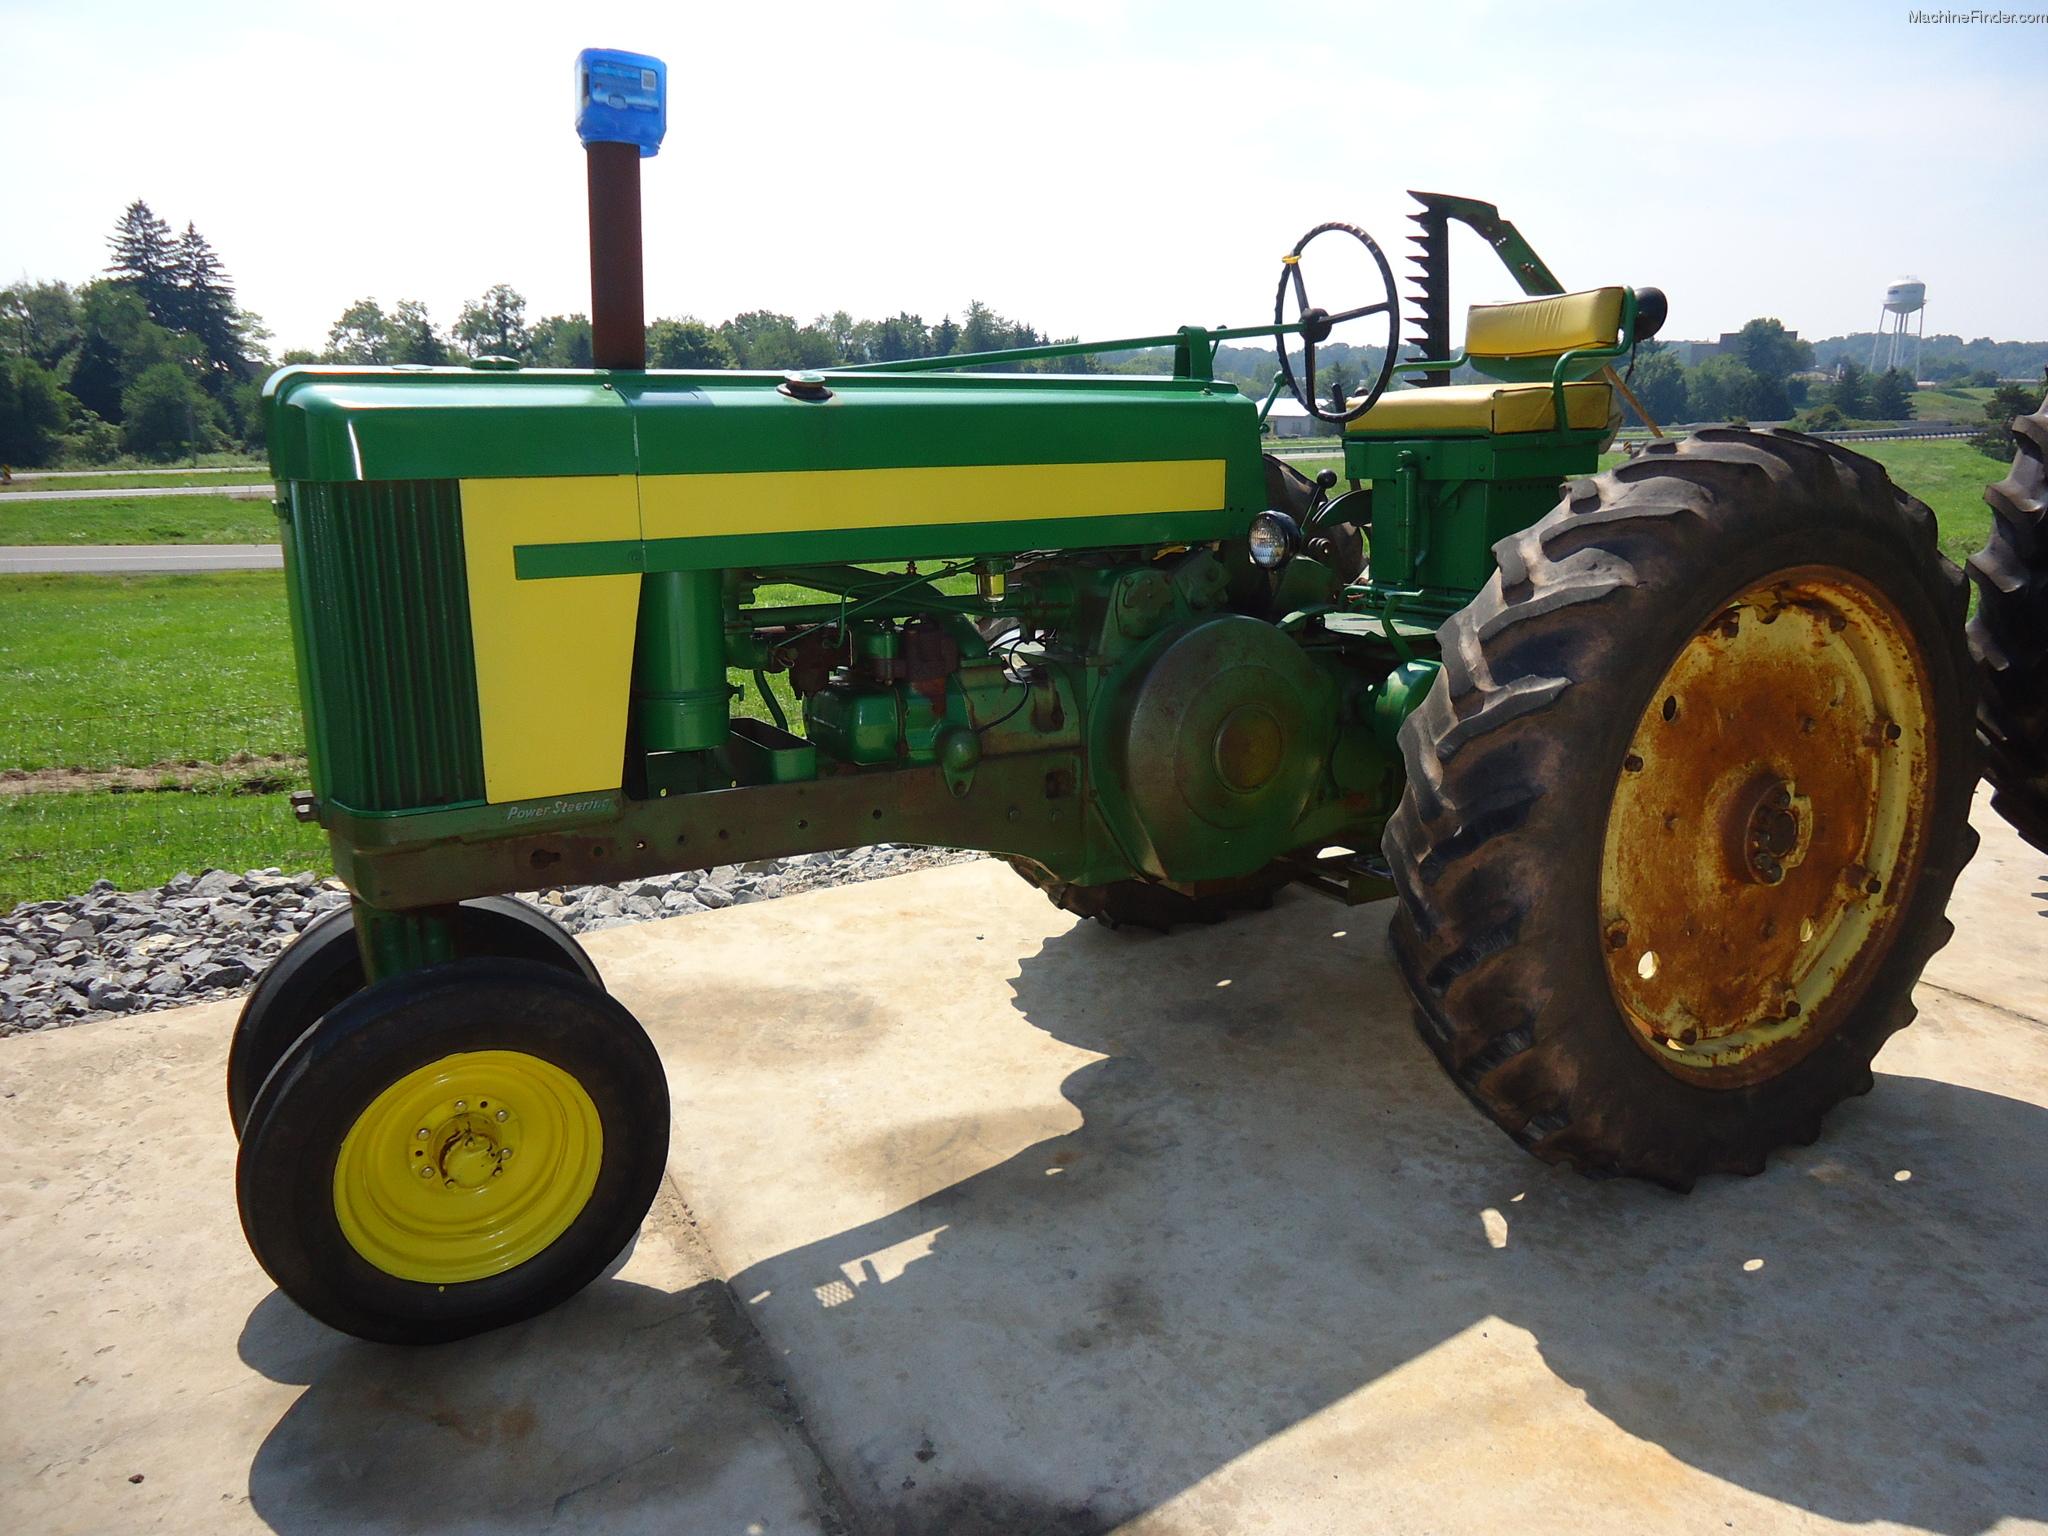 1958 John Deere 620 Tractors - Row Crop (+100hp) - John ...